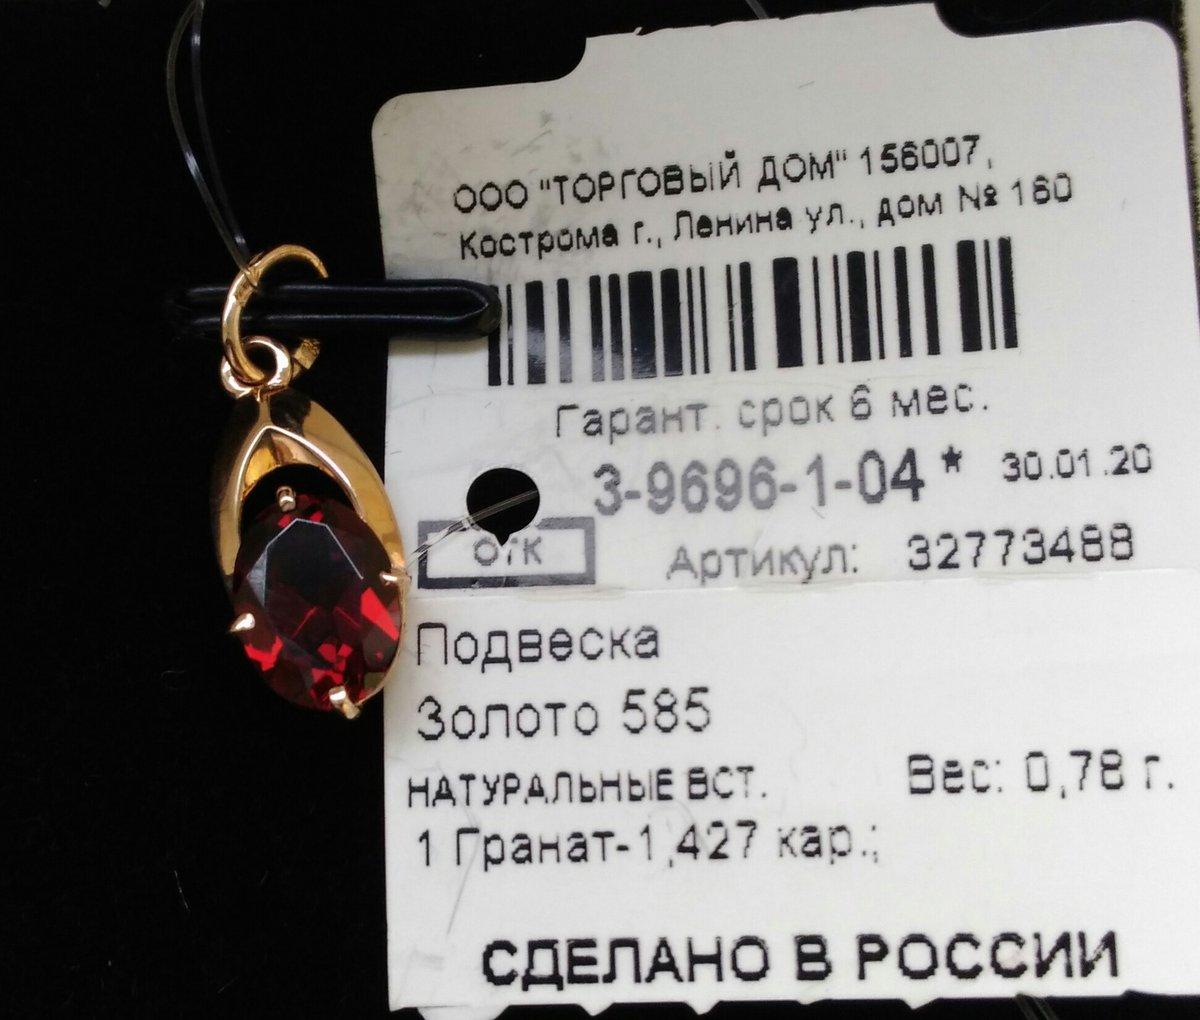 Гранатик счастья за 1791р.